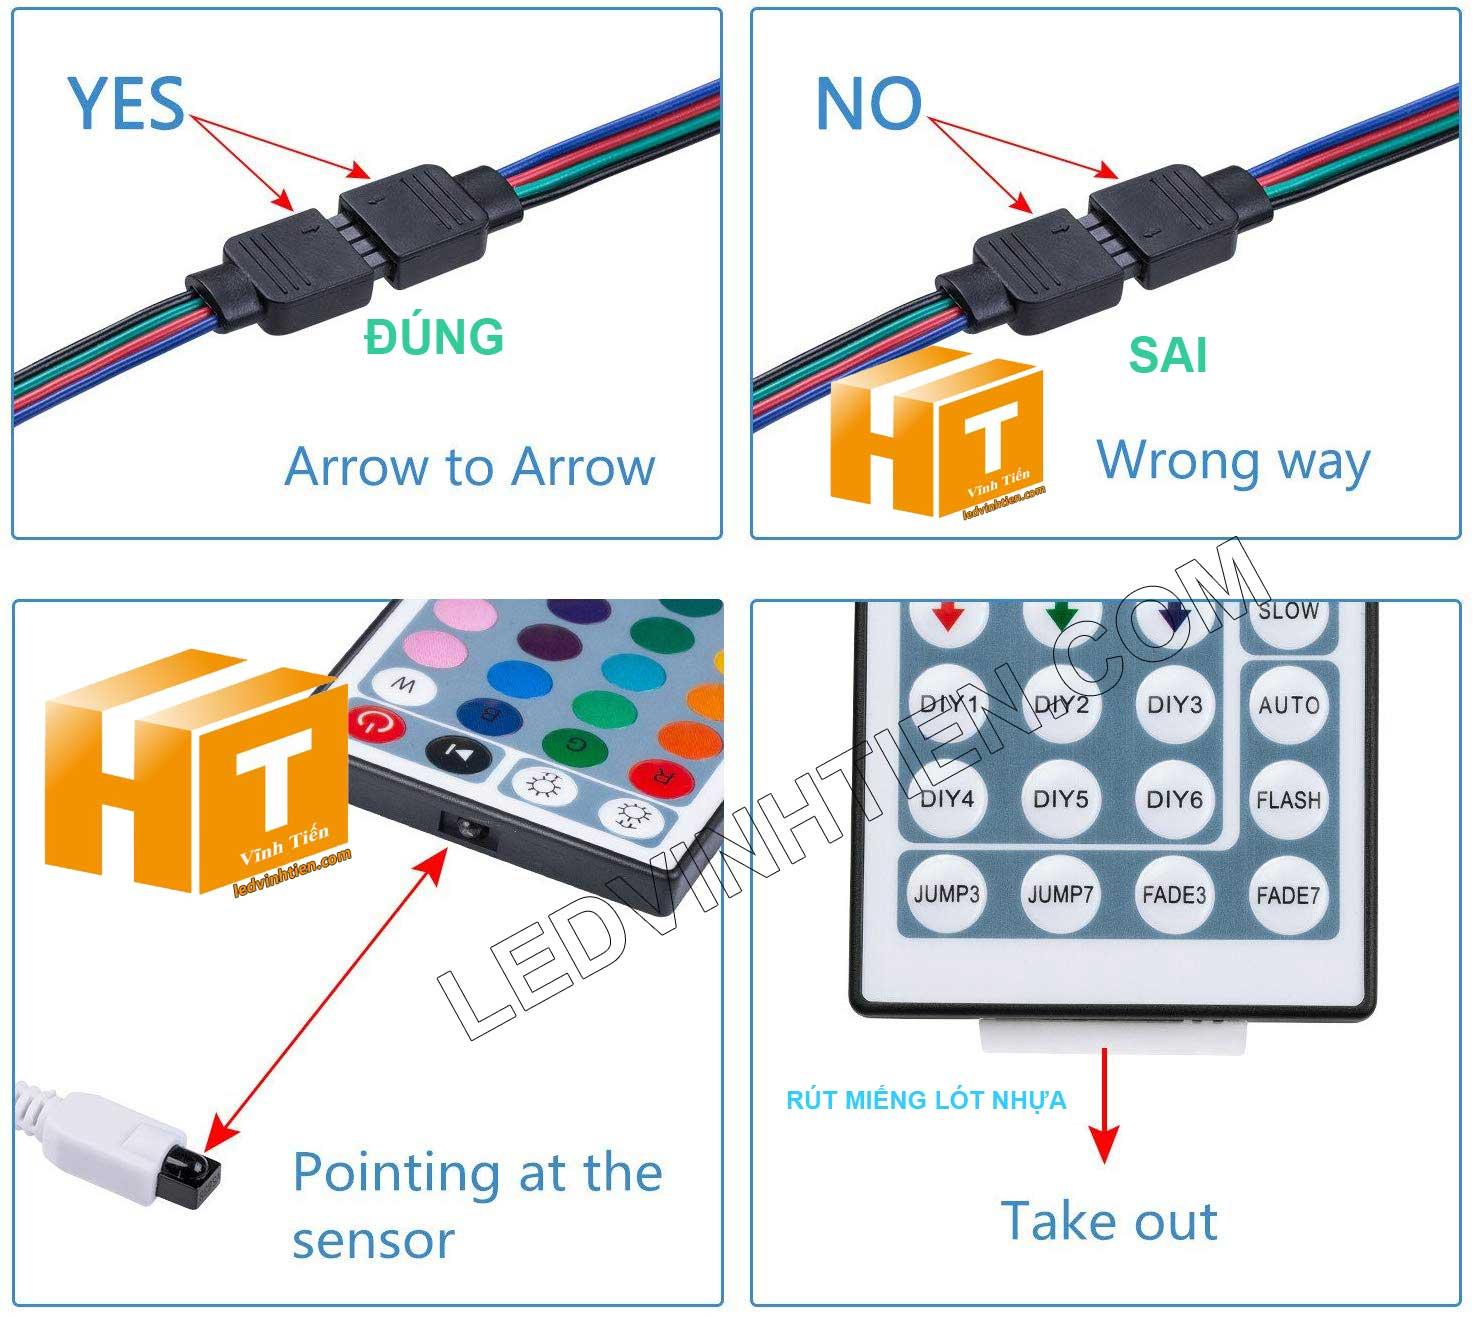 cách bước đấu nối đối với bộ điều khiển led dây 12v rgb, Hướng dẫn cách cài đặt, lắp ráp, đấu nối, cắt dây led cuộn 5m sao cho an toàn, thẩm mỹ nhưng không bị hư những dãi led còn lại, ledvinhtien.com